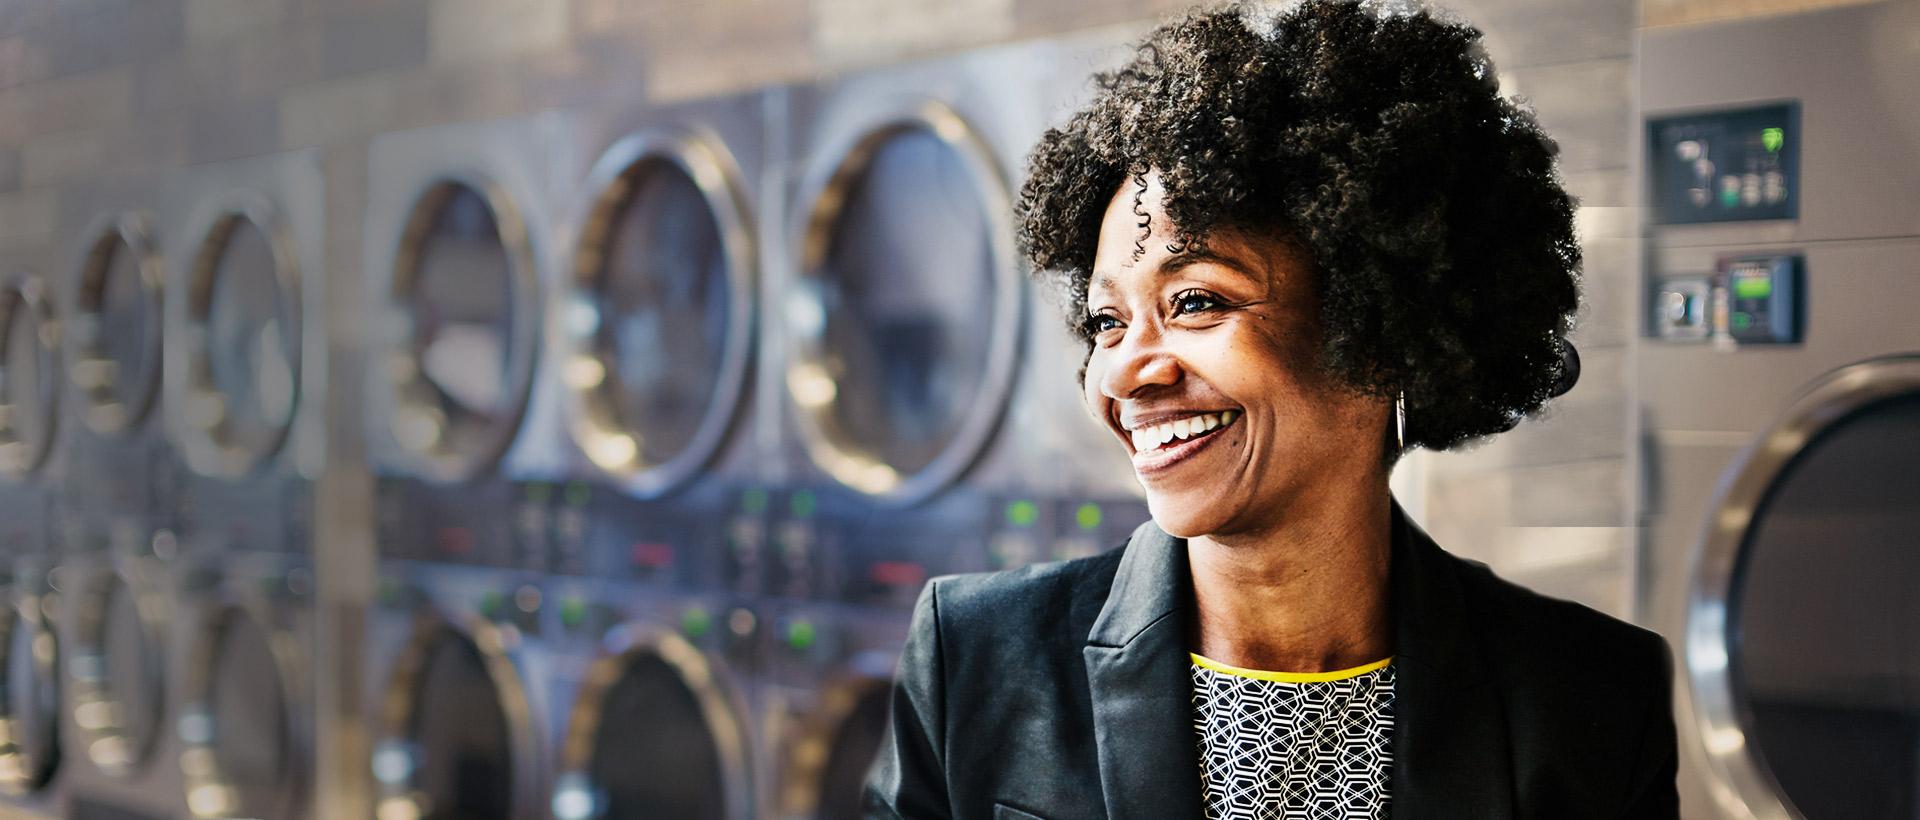 Pourquoi investir dans une laverie automatique?